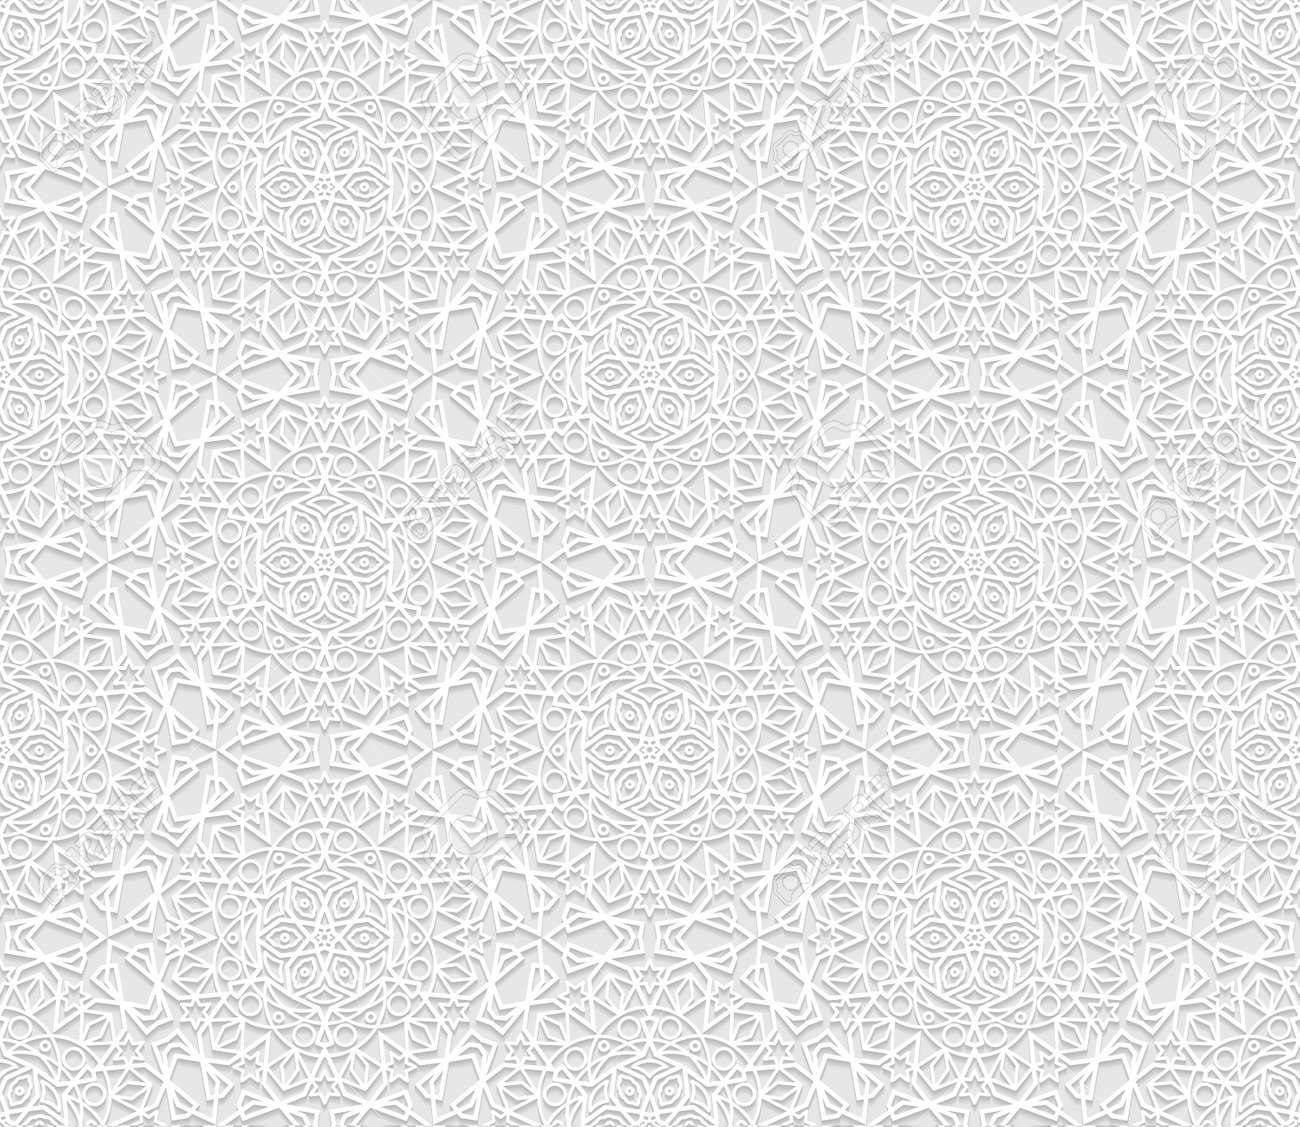 Nahtlose Weiß 3d Muster Arabische Motiv Ost Ornament Indische